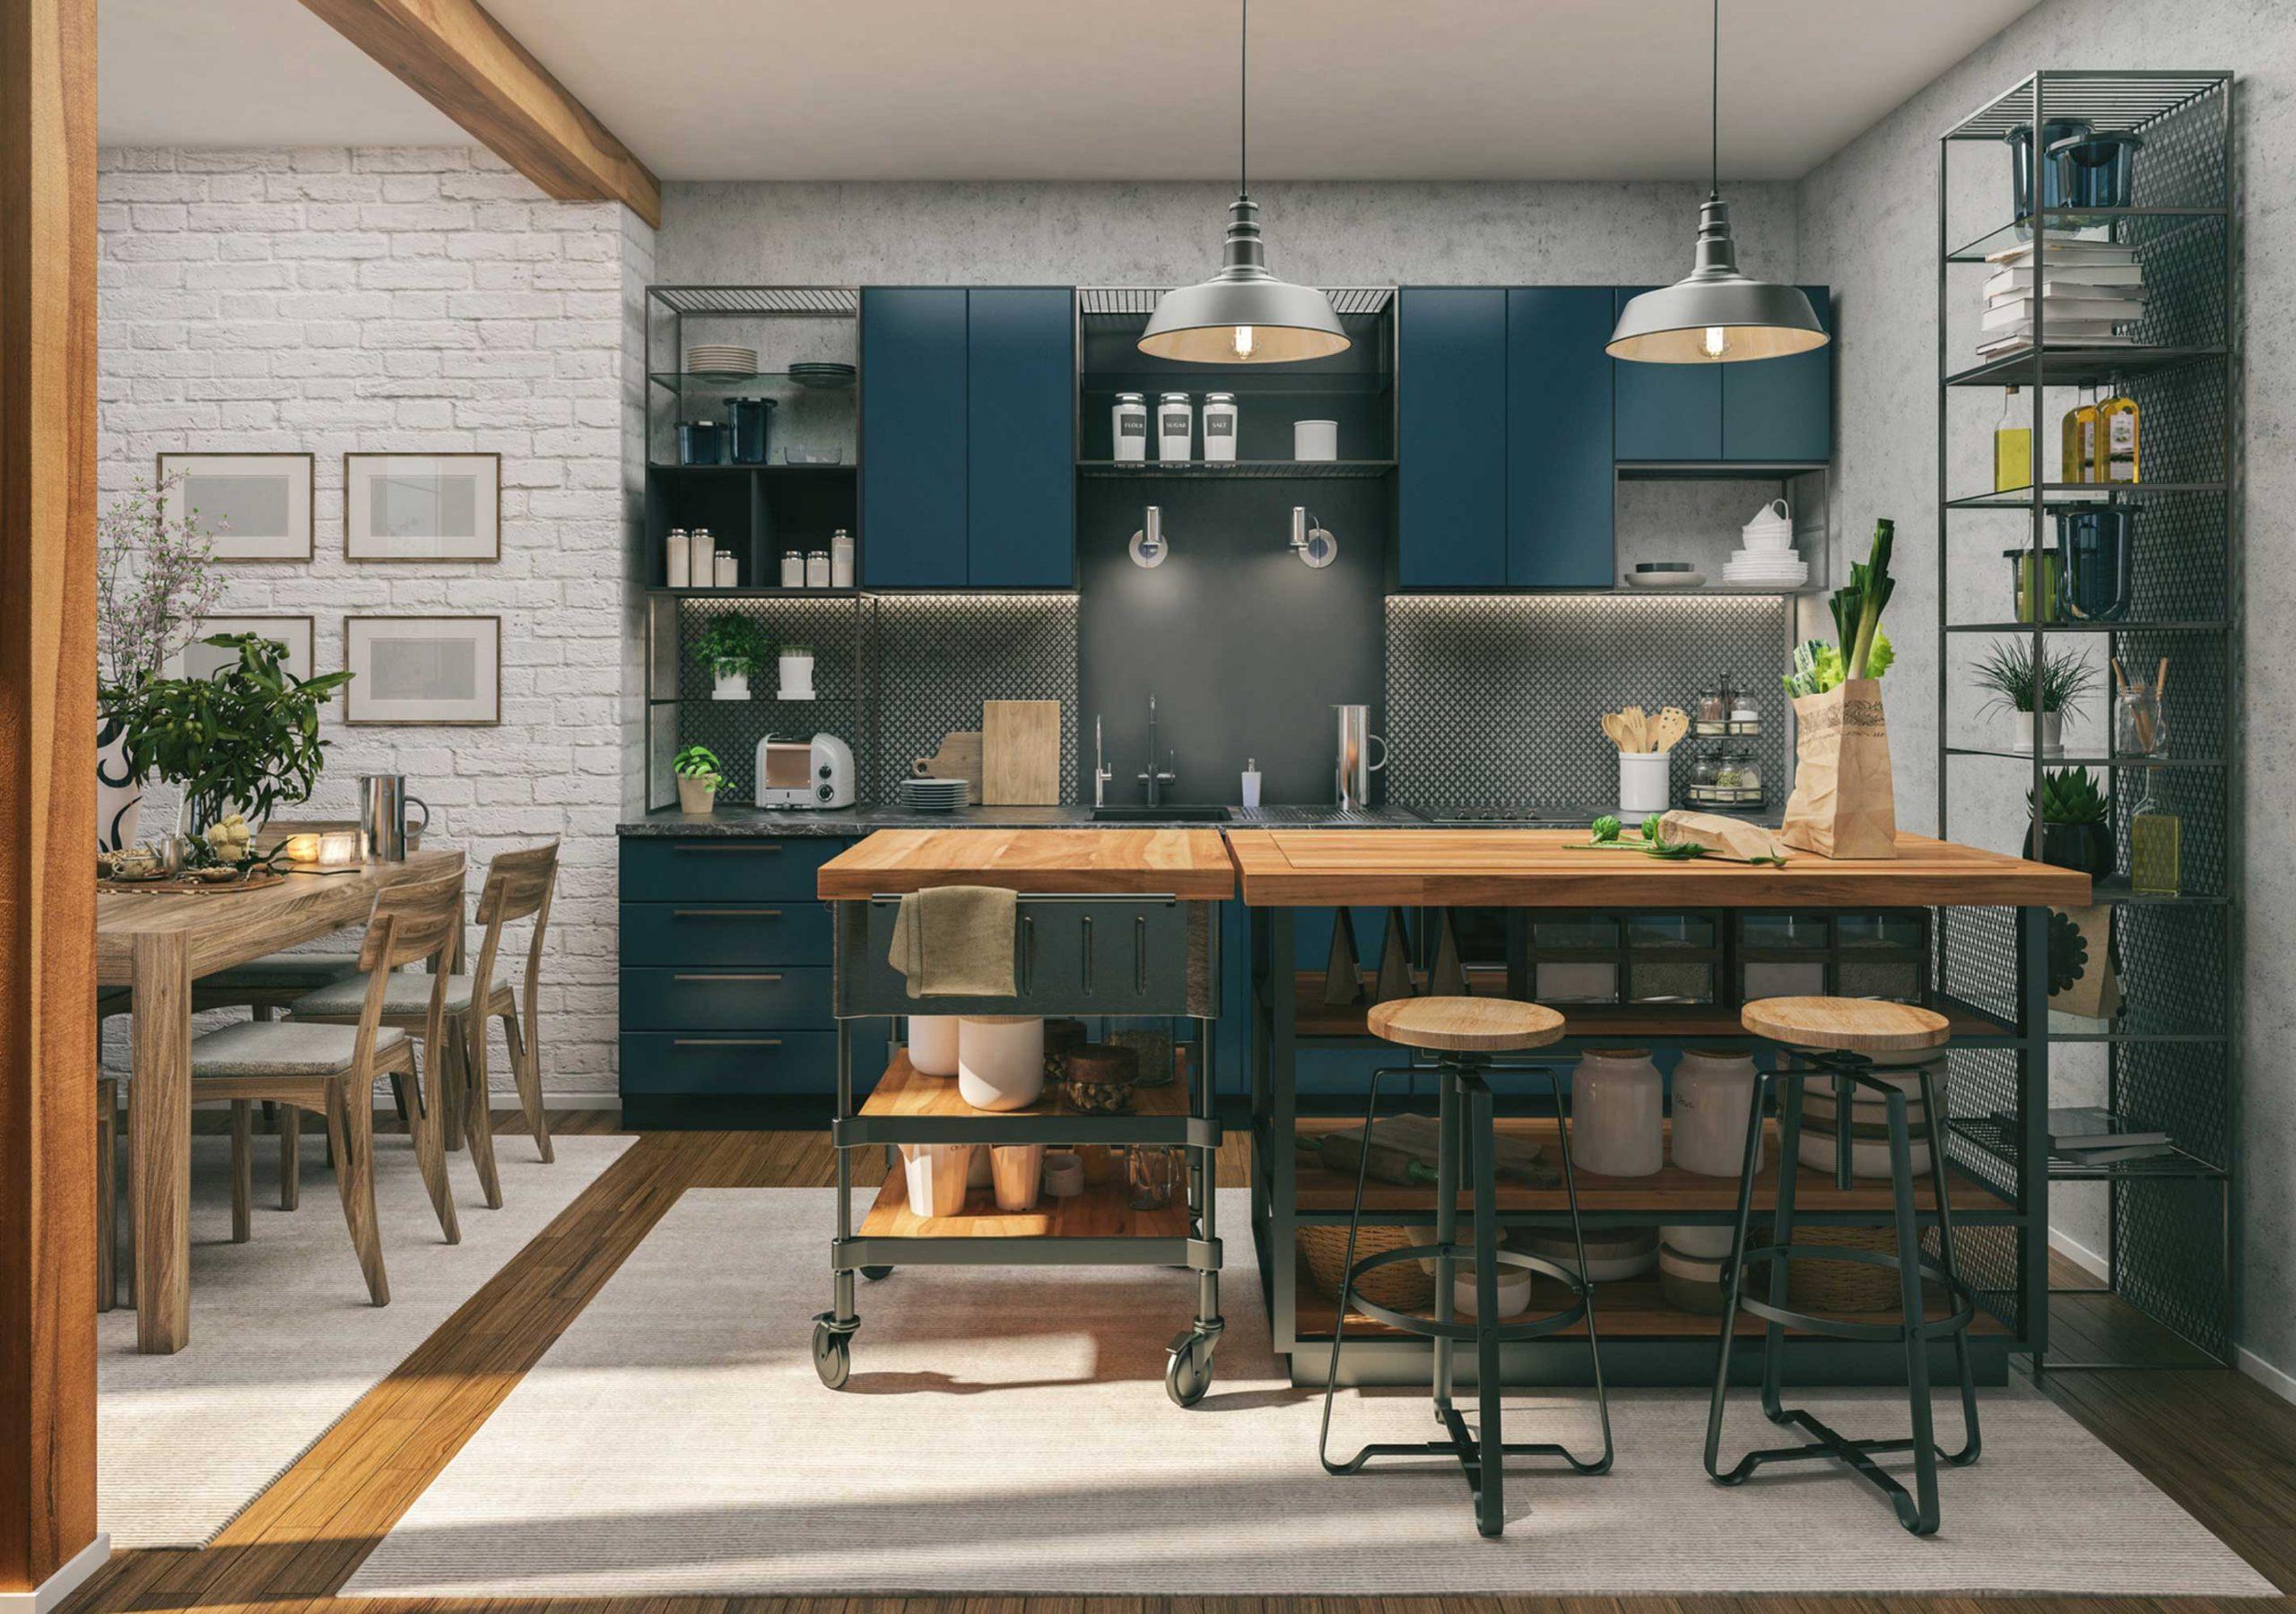 انتخاب رنگ وسایل آشپزخانه برای جهیزیه عروس اهمیت بالایی دارد.